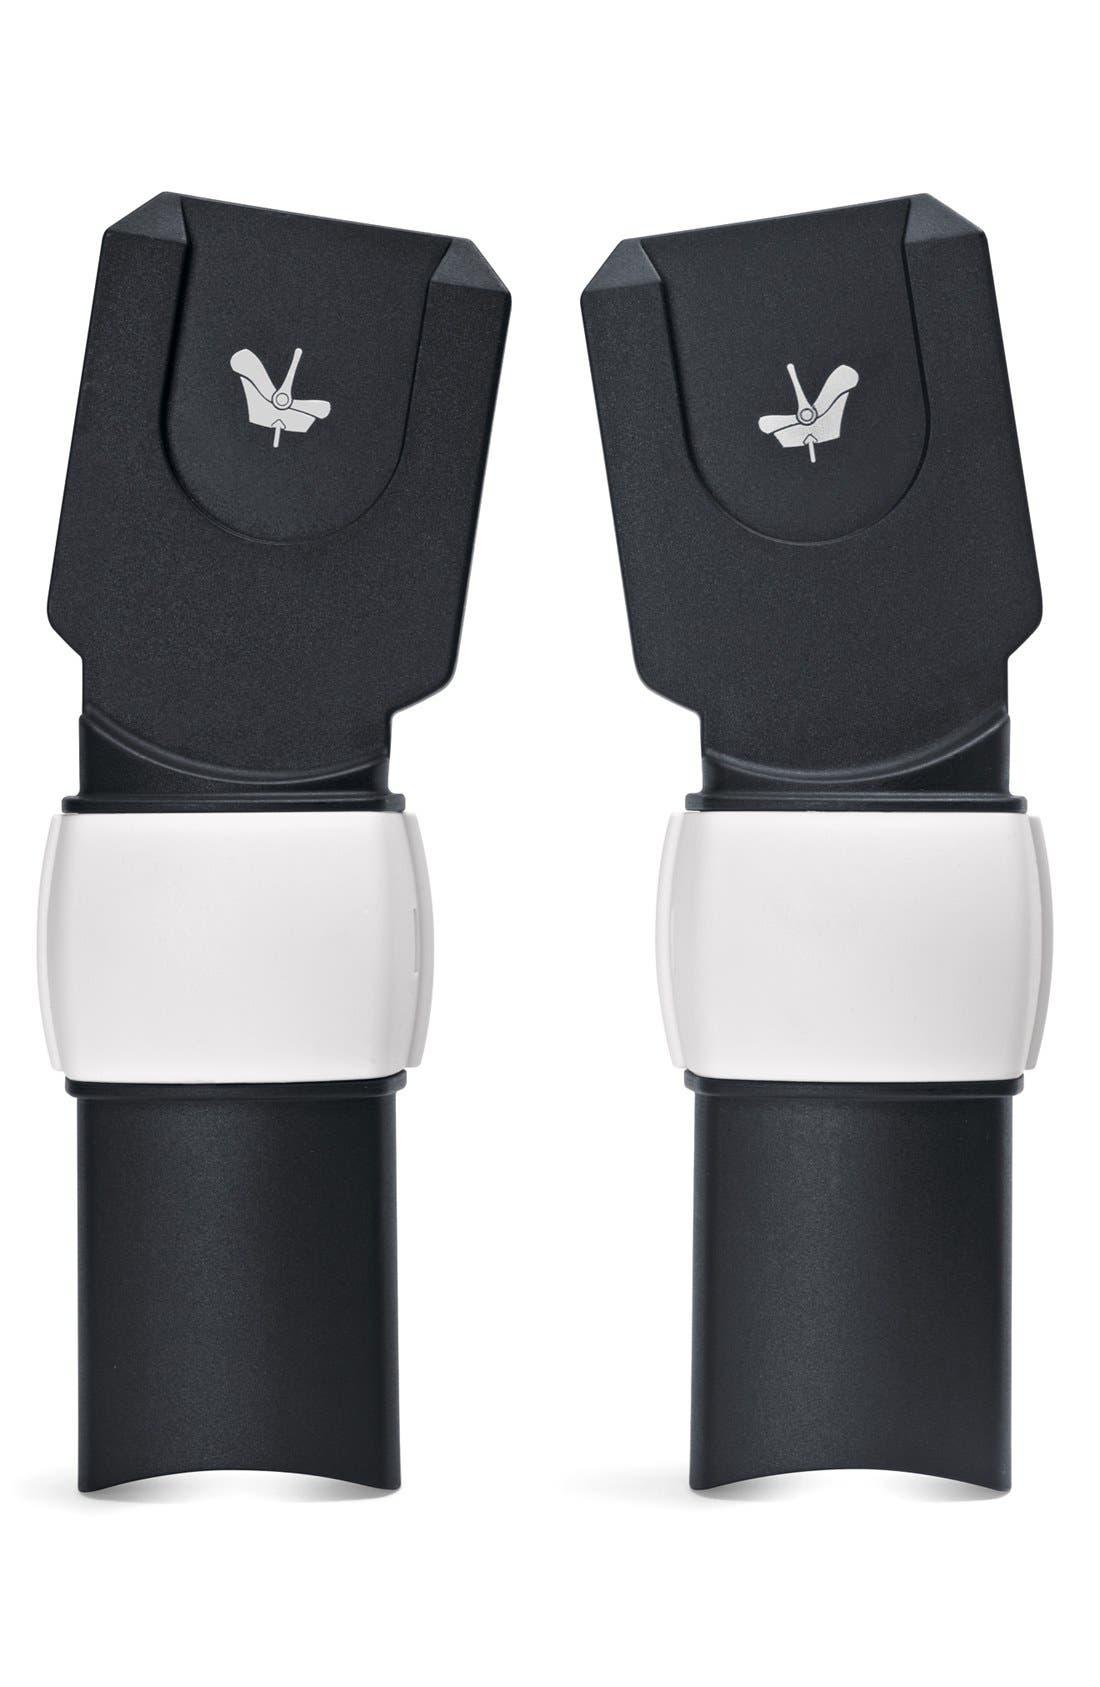 'Buffalo' Maxi Cosi Car Seat Adaptors,                         Main,                         color, 001